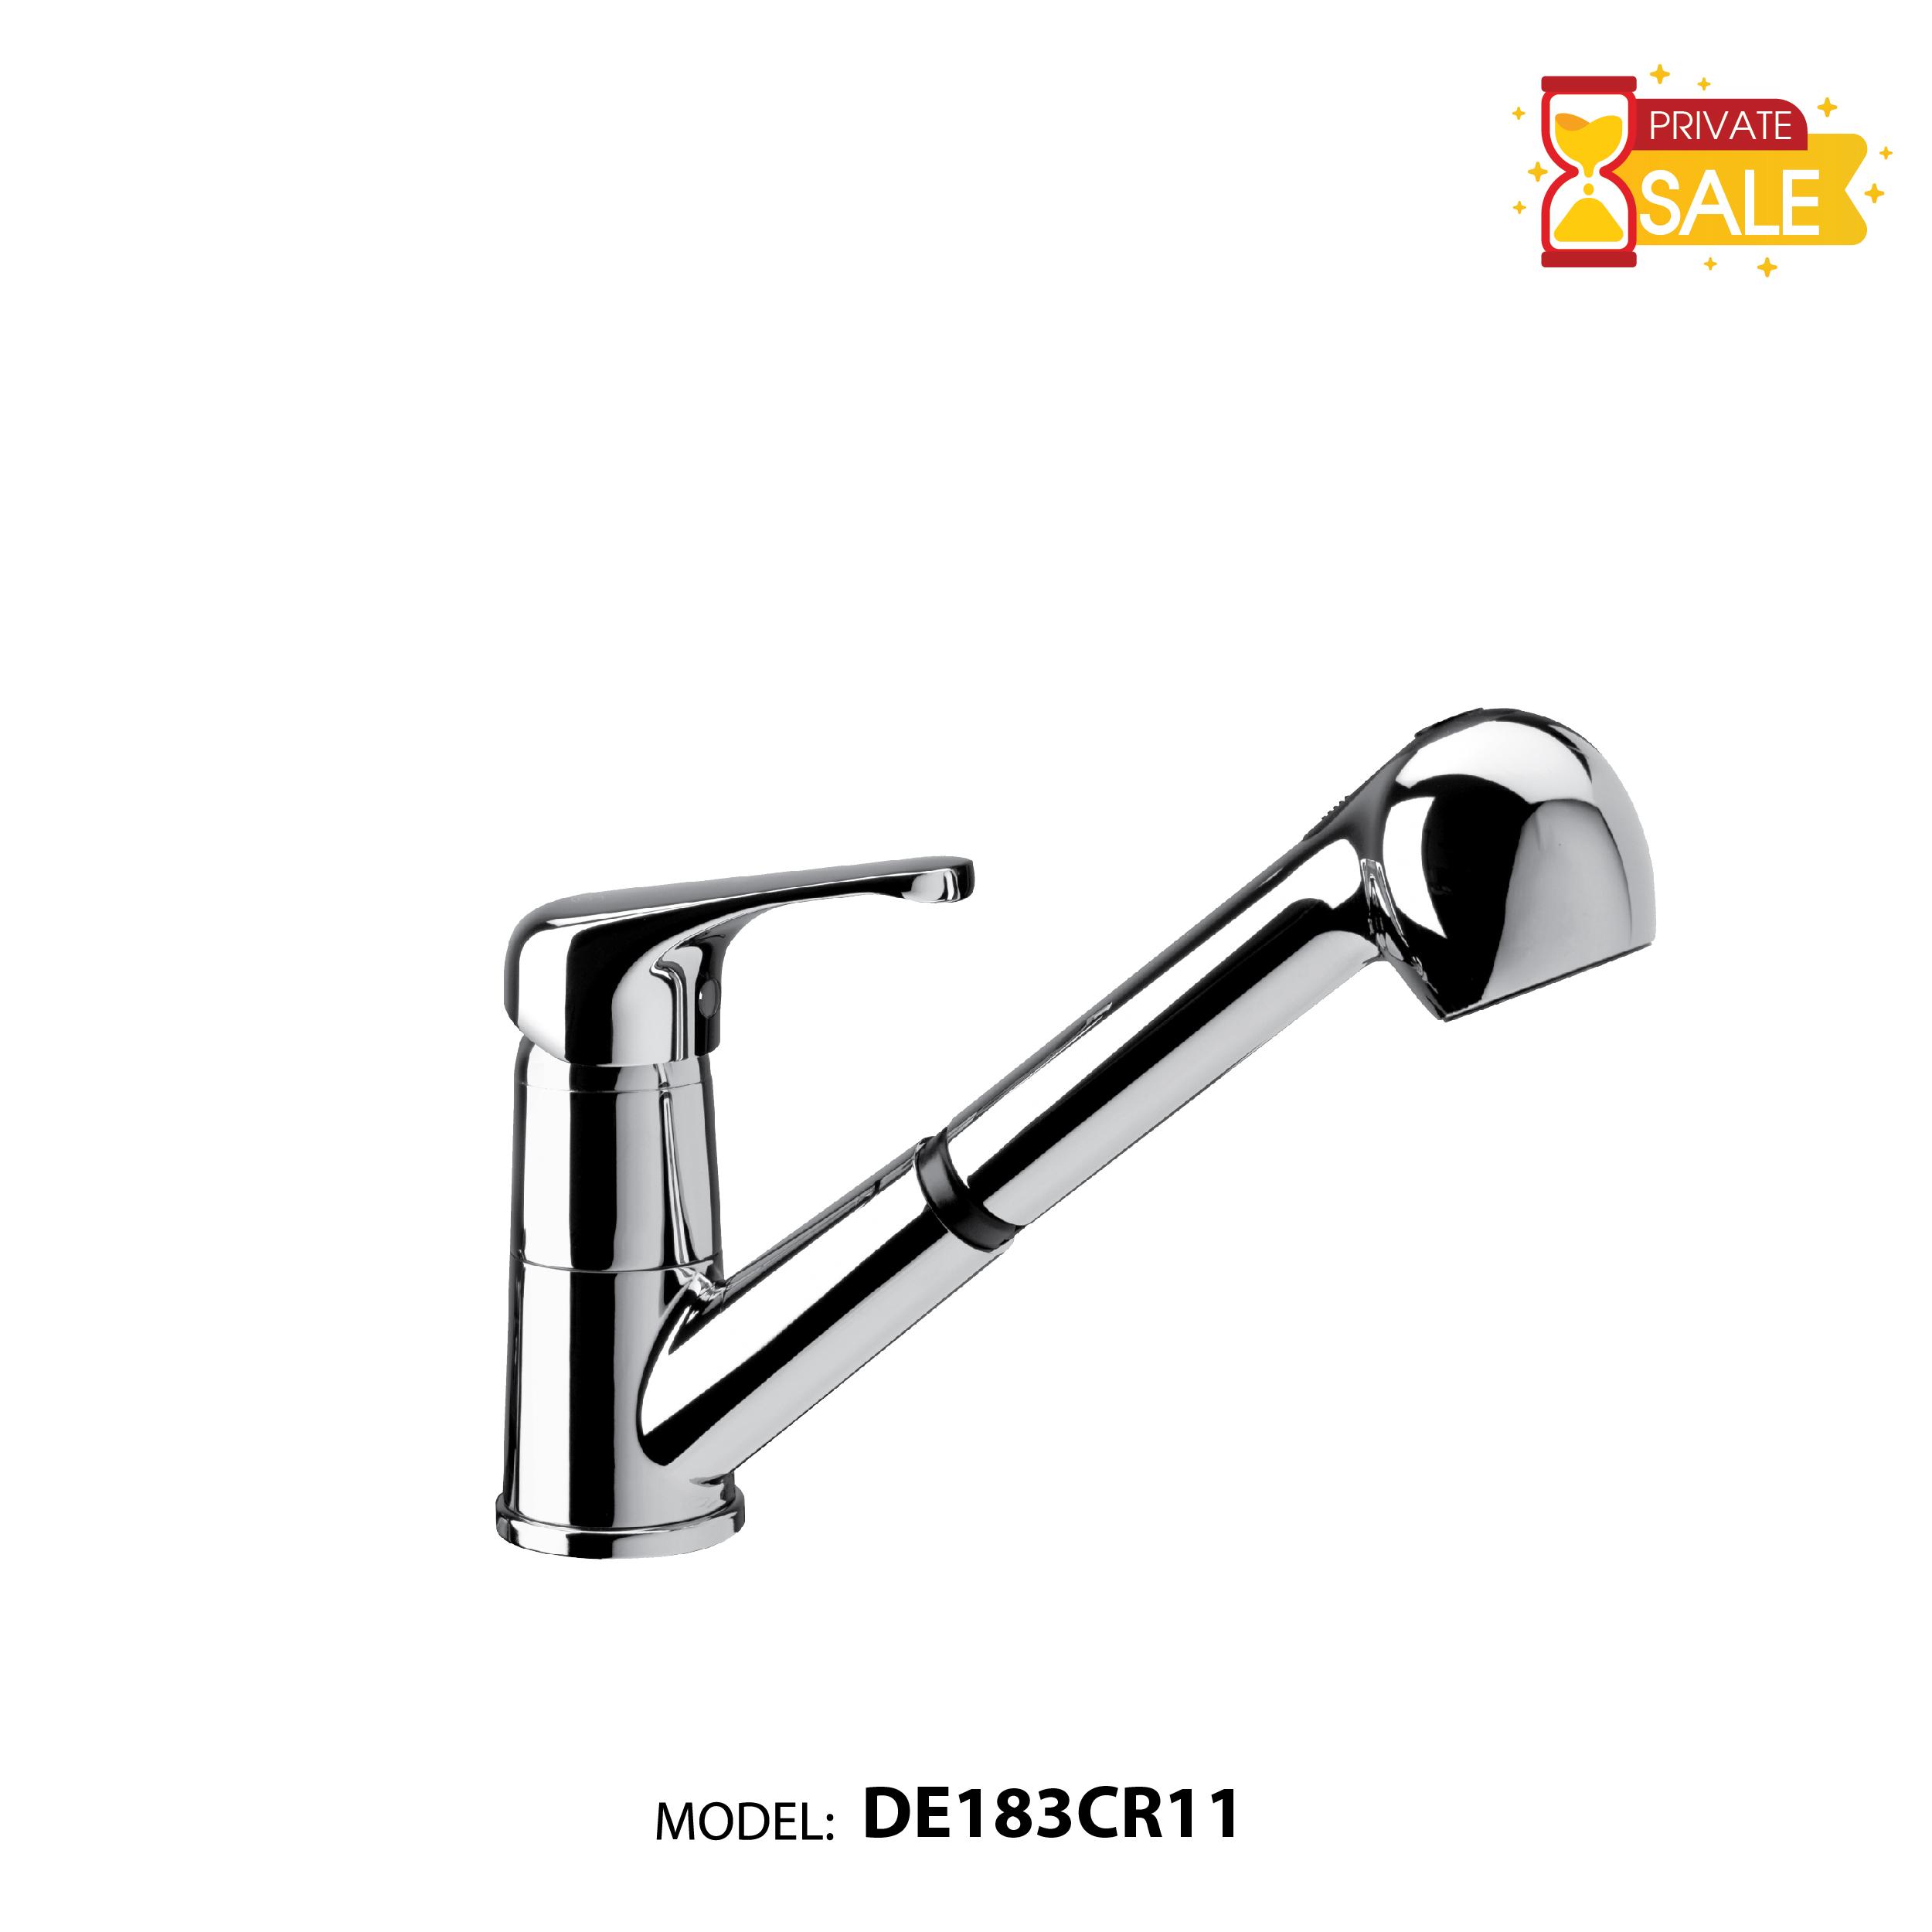 VÒI CHẬU NÓNG LẠNH PAFFONI DE183CR11 (Vòi lavabo model: DE183CR11)